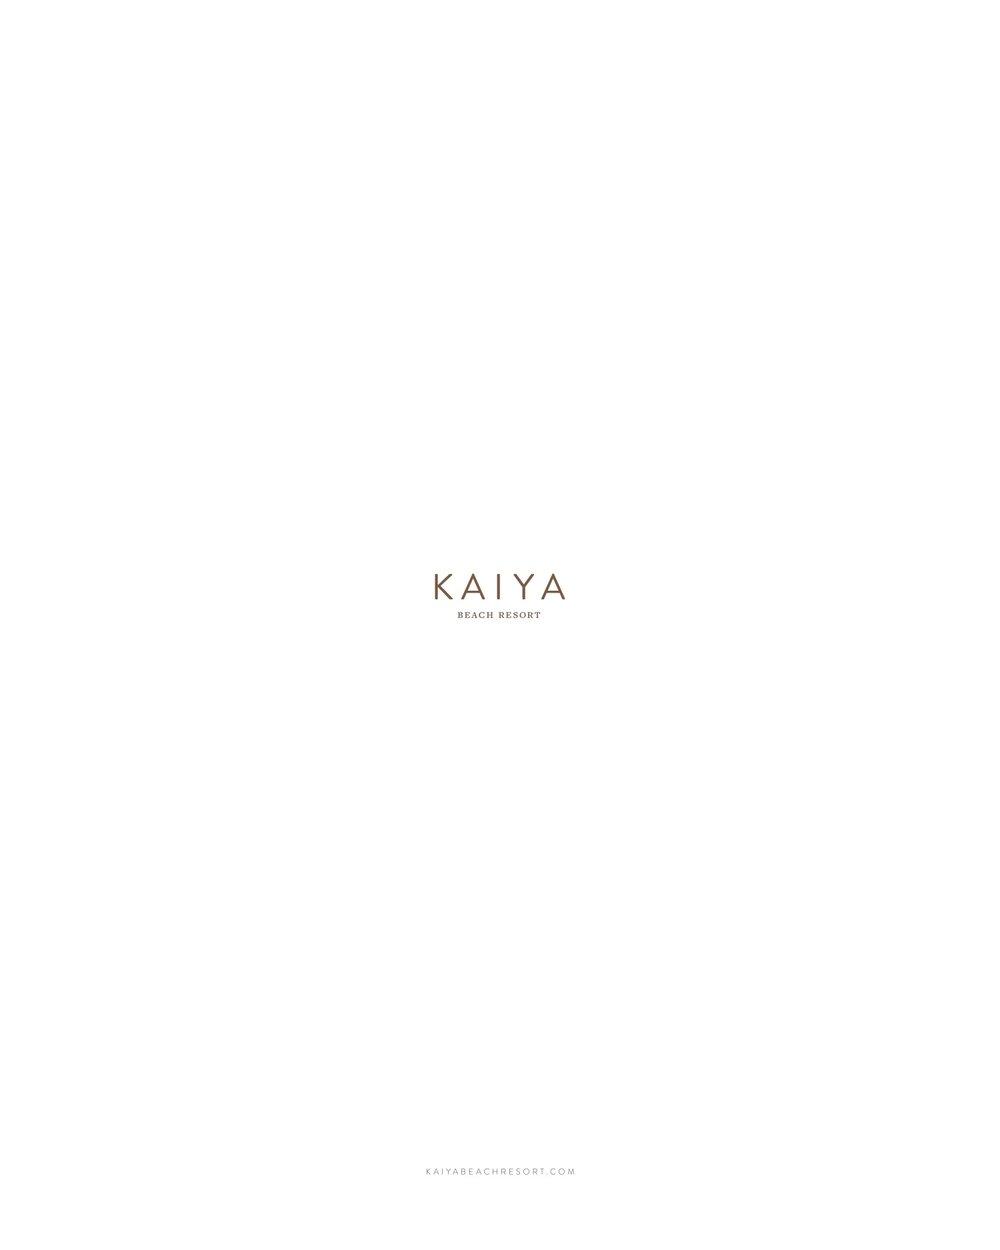 KAIYA Brochure 17.jpg